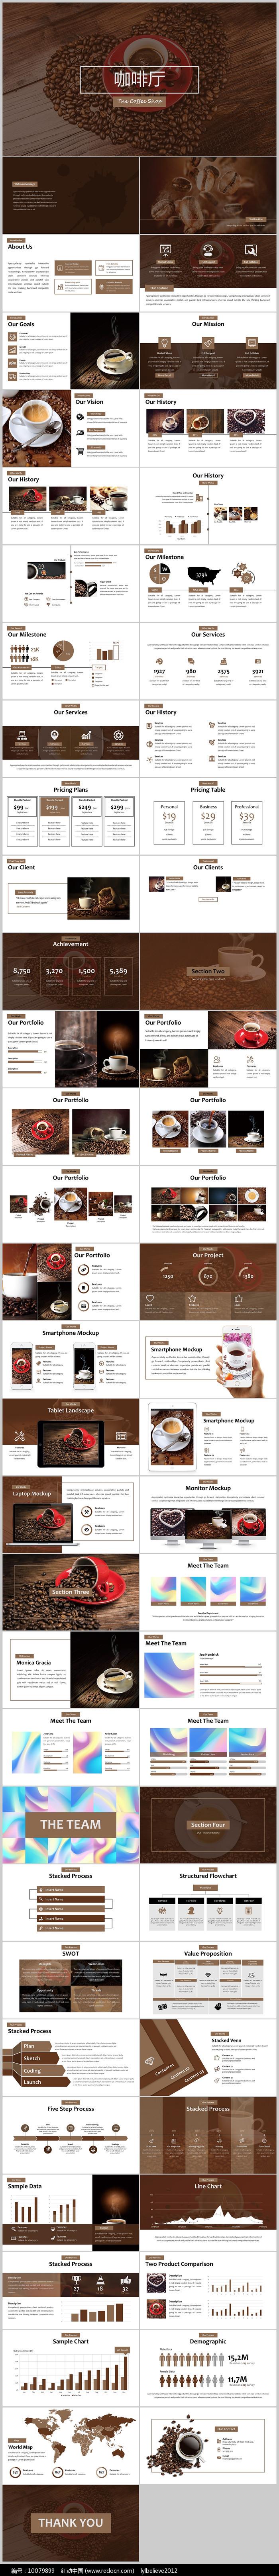 西餐厅咖啡下午茶咖啡厅PPT图片